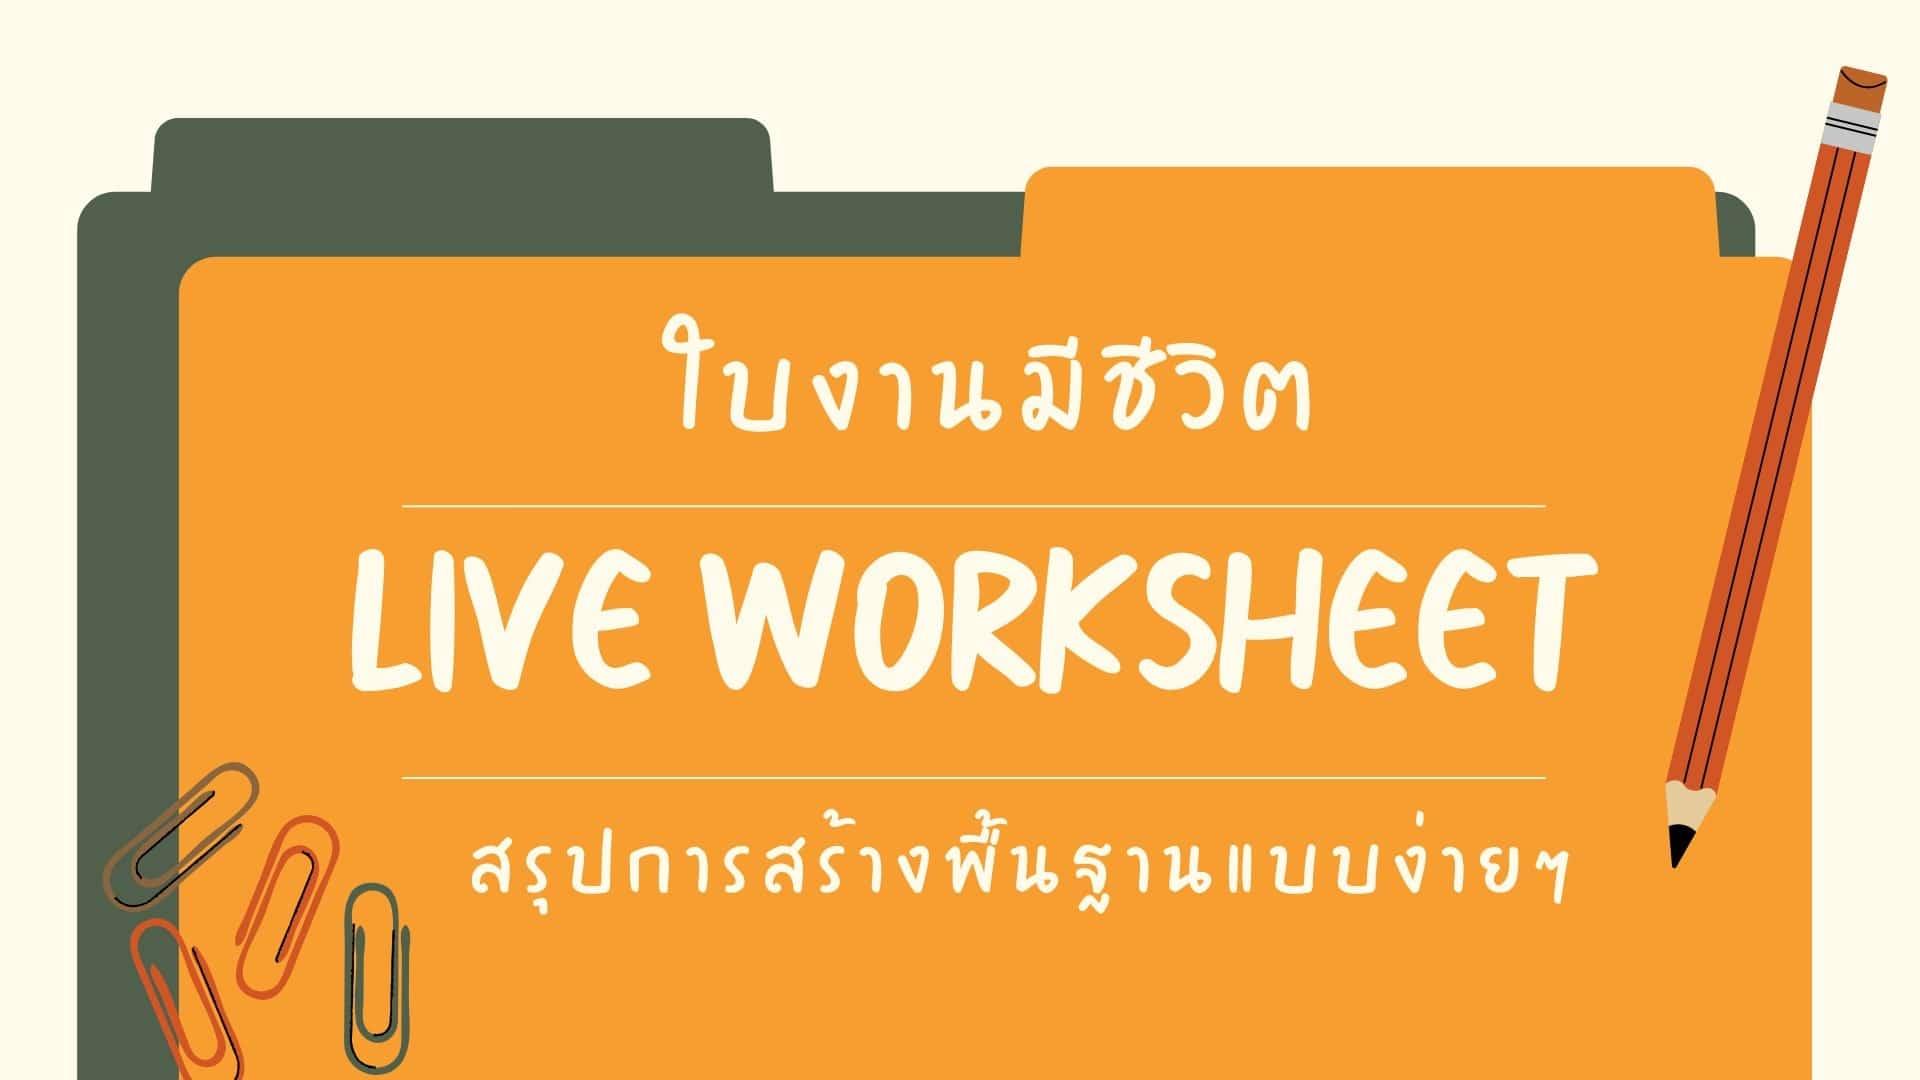 วิธีการสร้างใบงานโดย liveworksheet